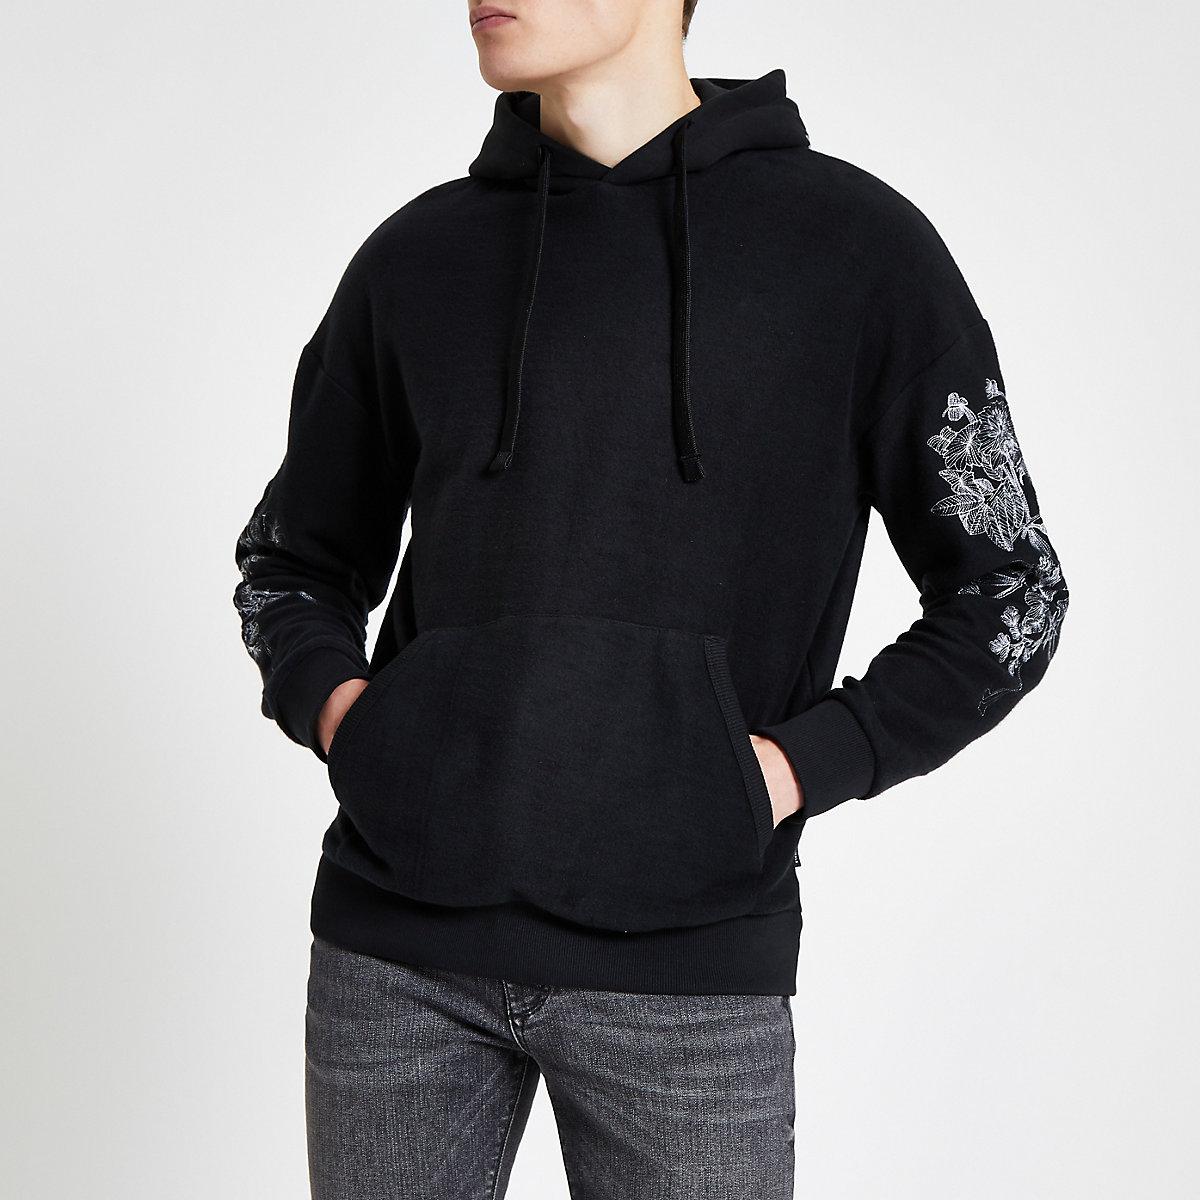 Jack & Jones black embroidered hoodie